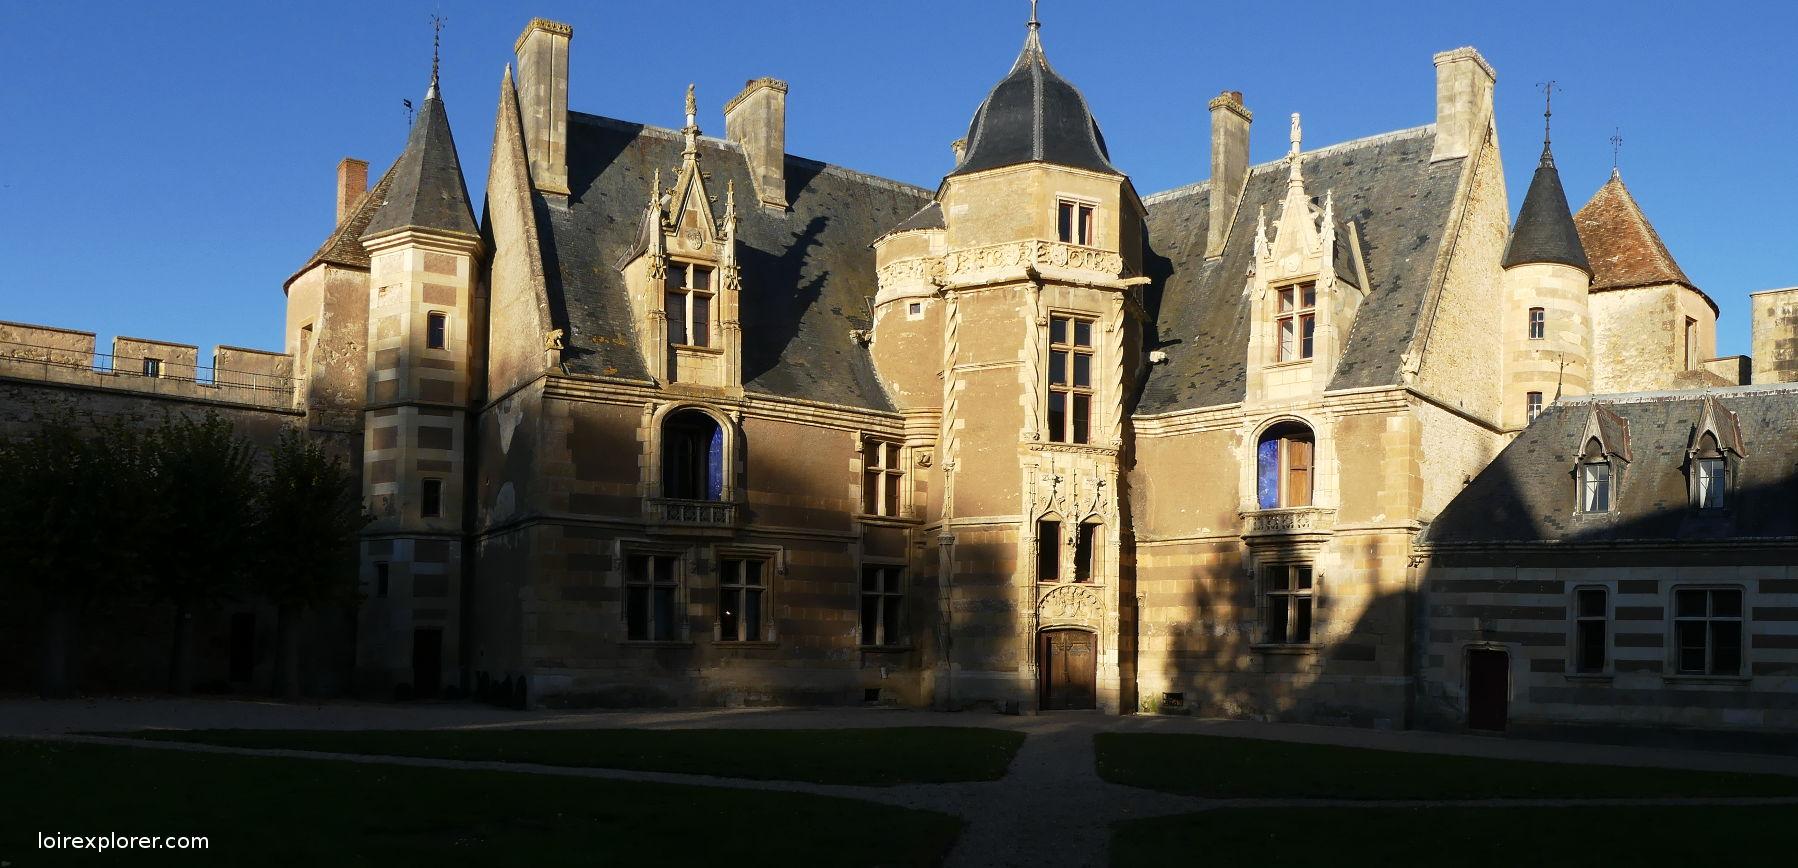 voyage au centre de la france Château Fort d'Ainay le Vieil excursion insolites